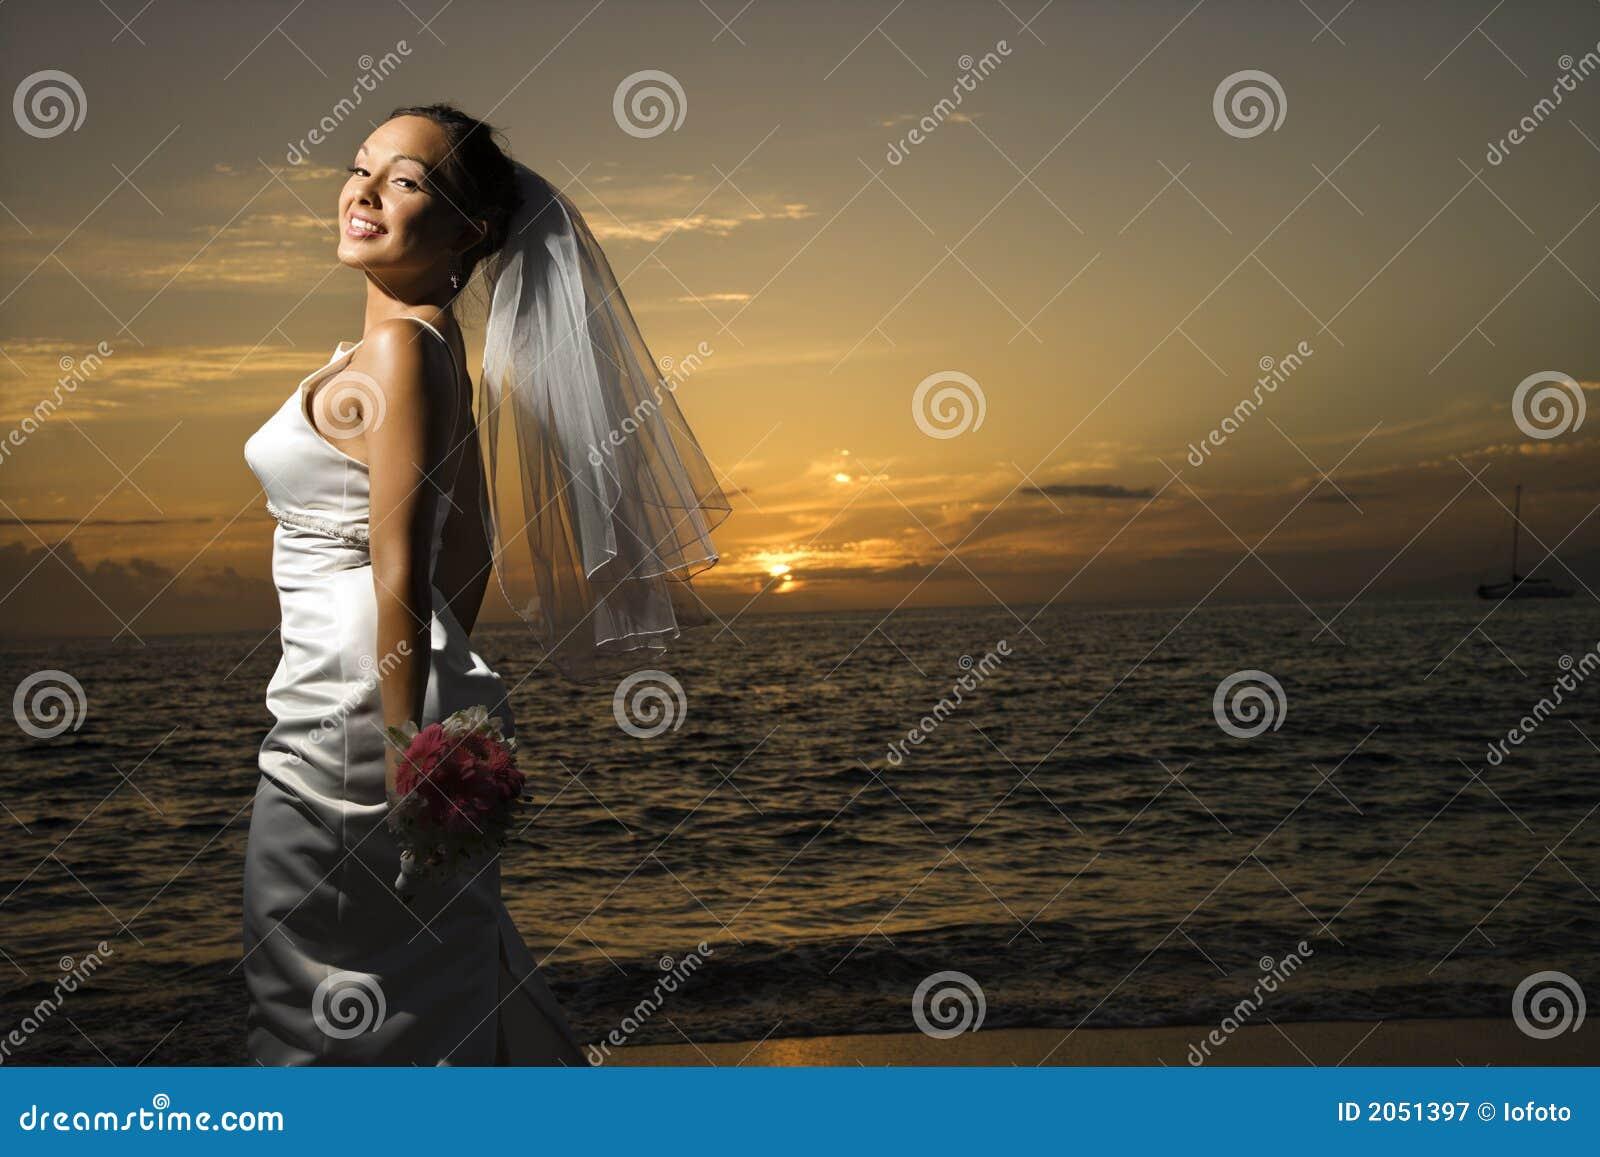 Braut auf Strand.